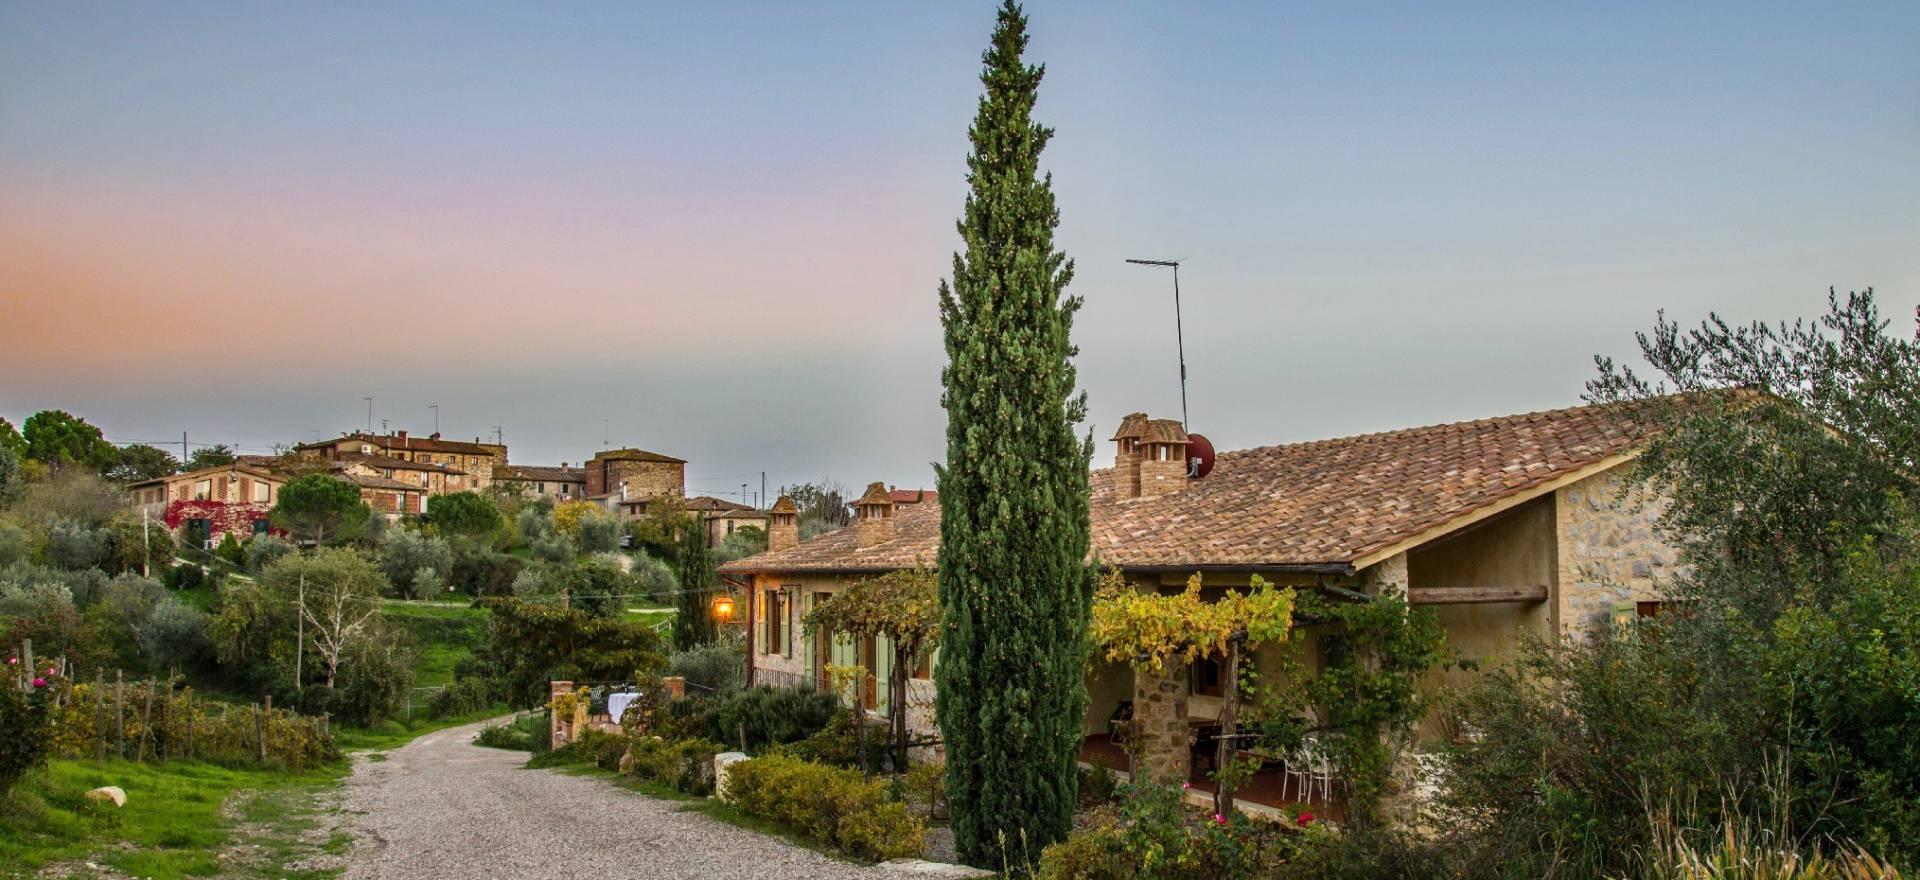 Authentieke wijnboerderij vlakbij Siena, Toscane